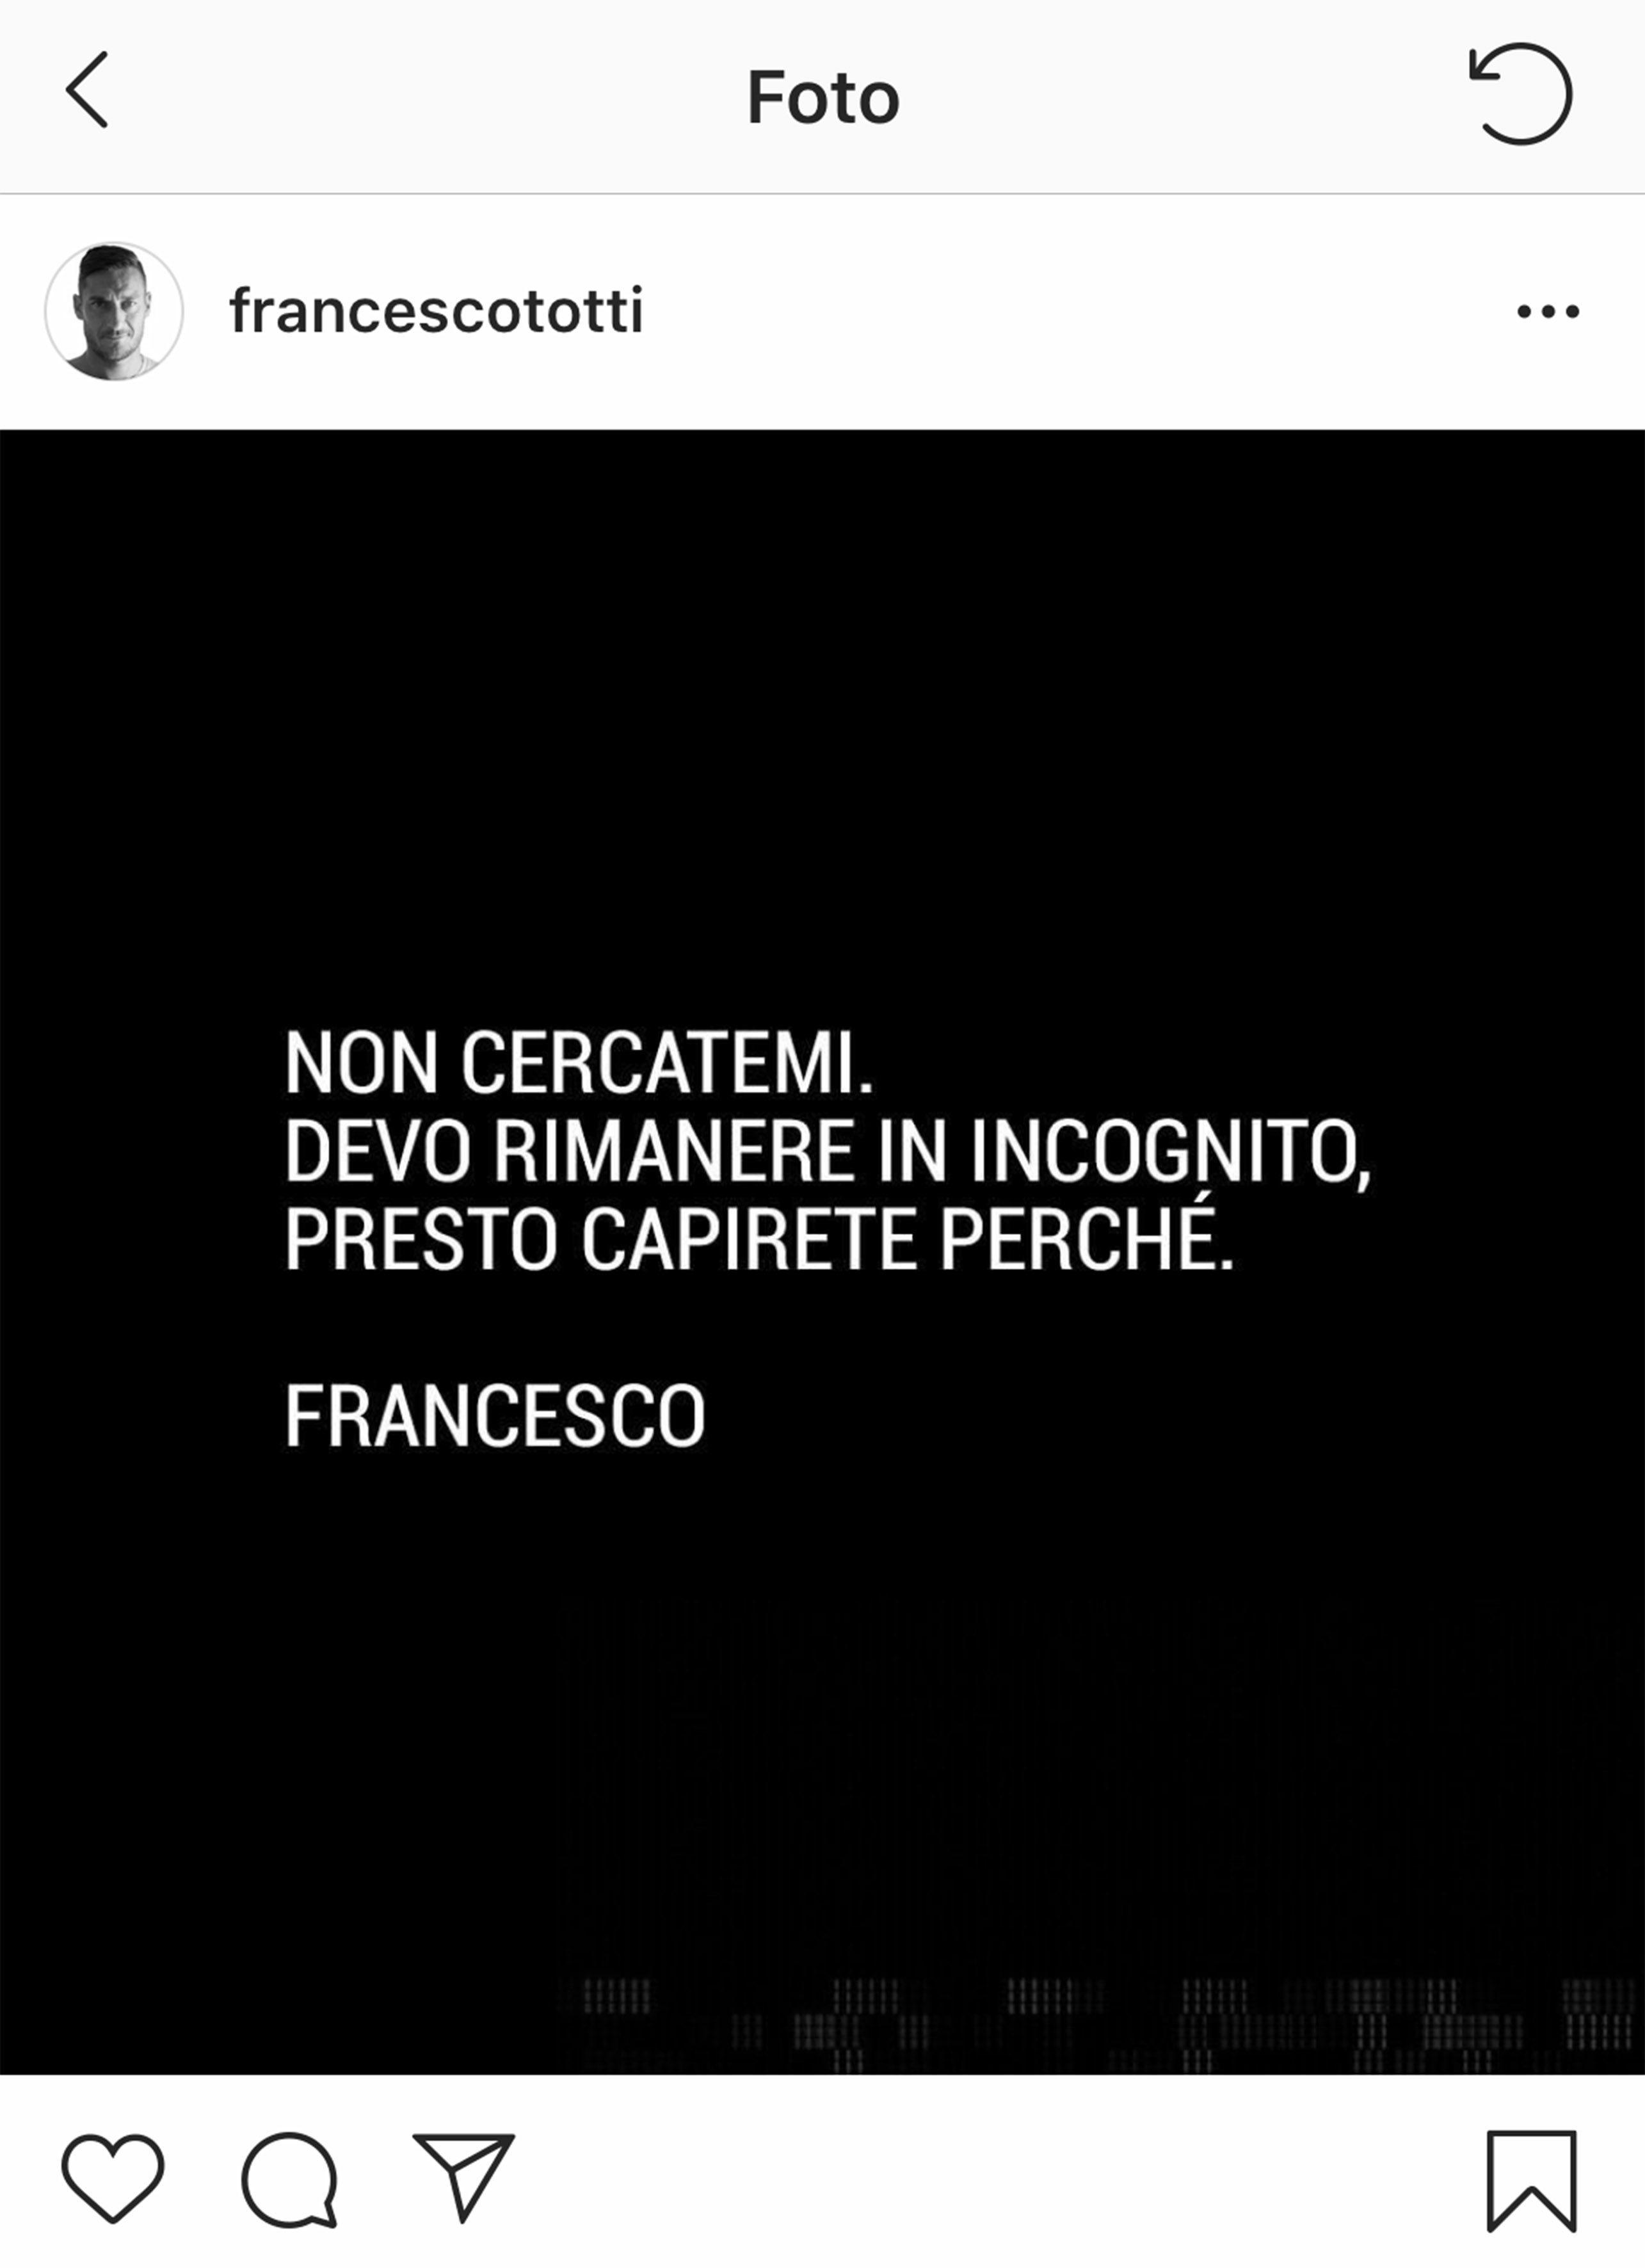 Il post Instagram pubblicato da Francesco Totti